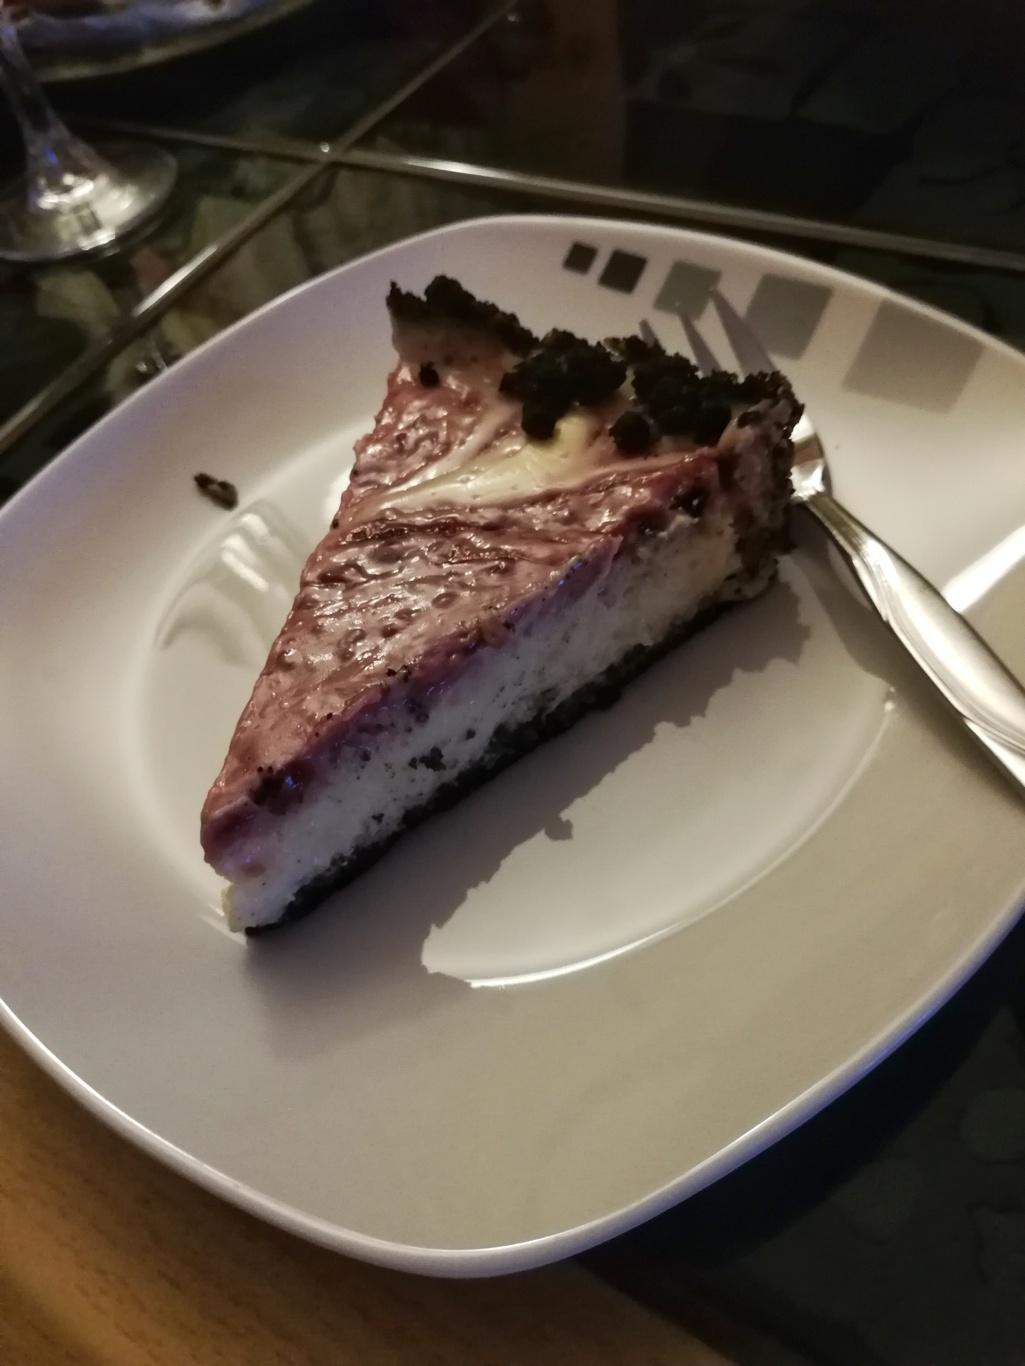 Stück selbergemachter Cheesecake mit Oreokeksrand